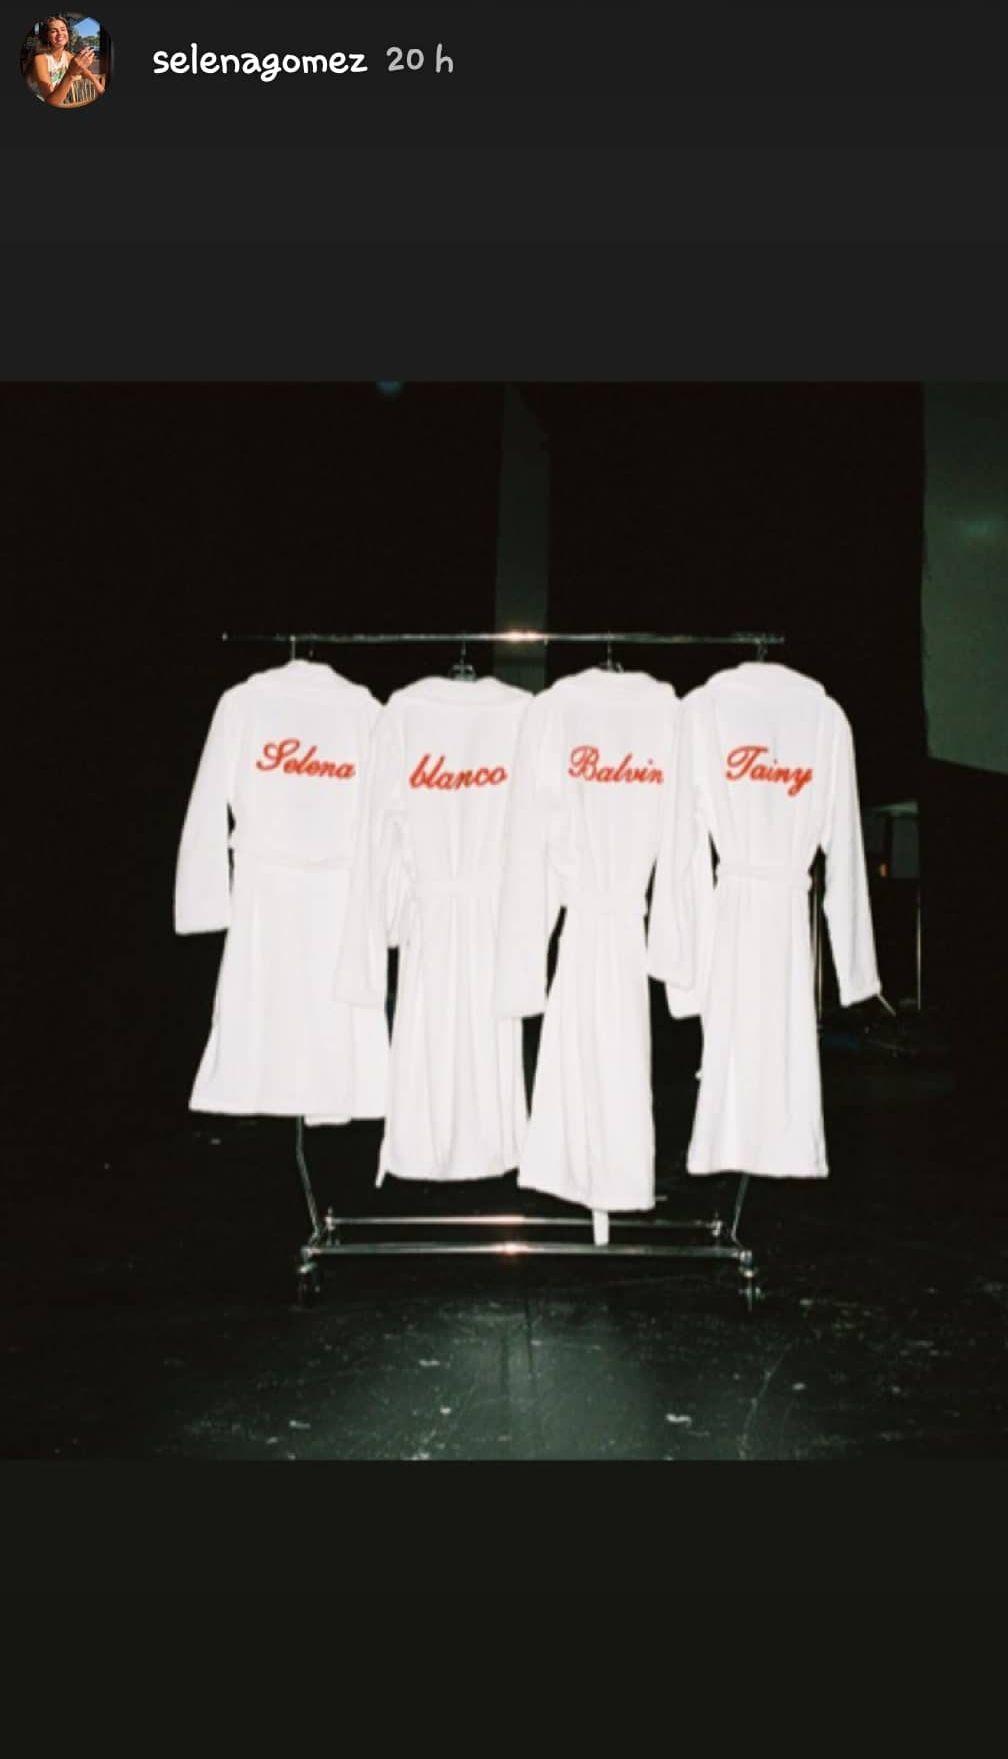 Selena Gomez y J Balvin están trabajando en una colaboración juntos. (Foto: @selenagomez)